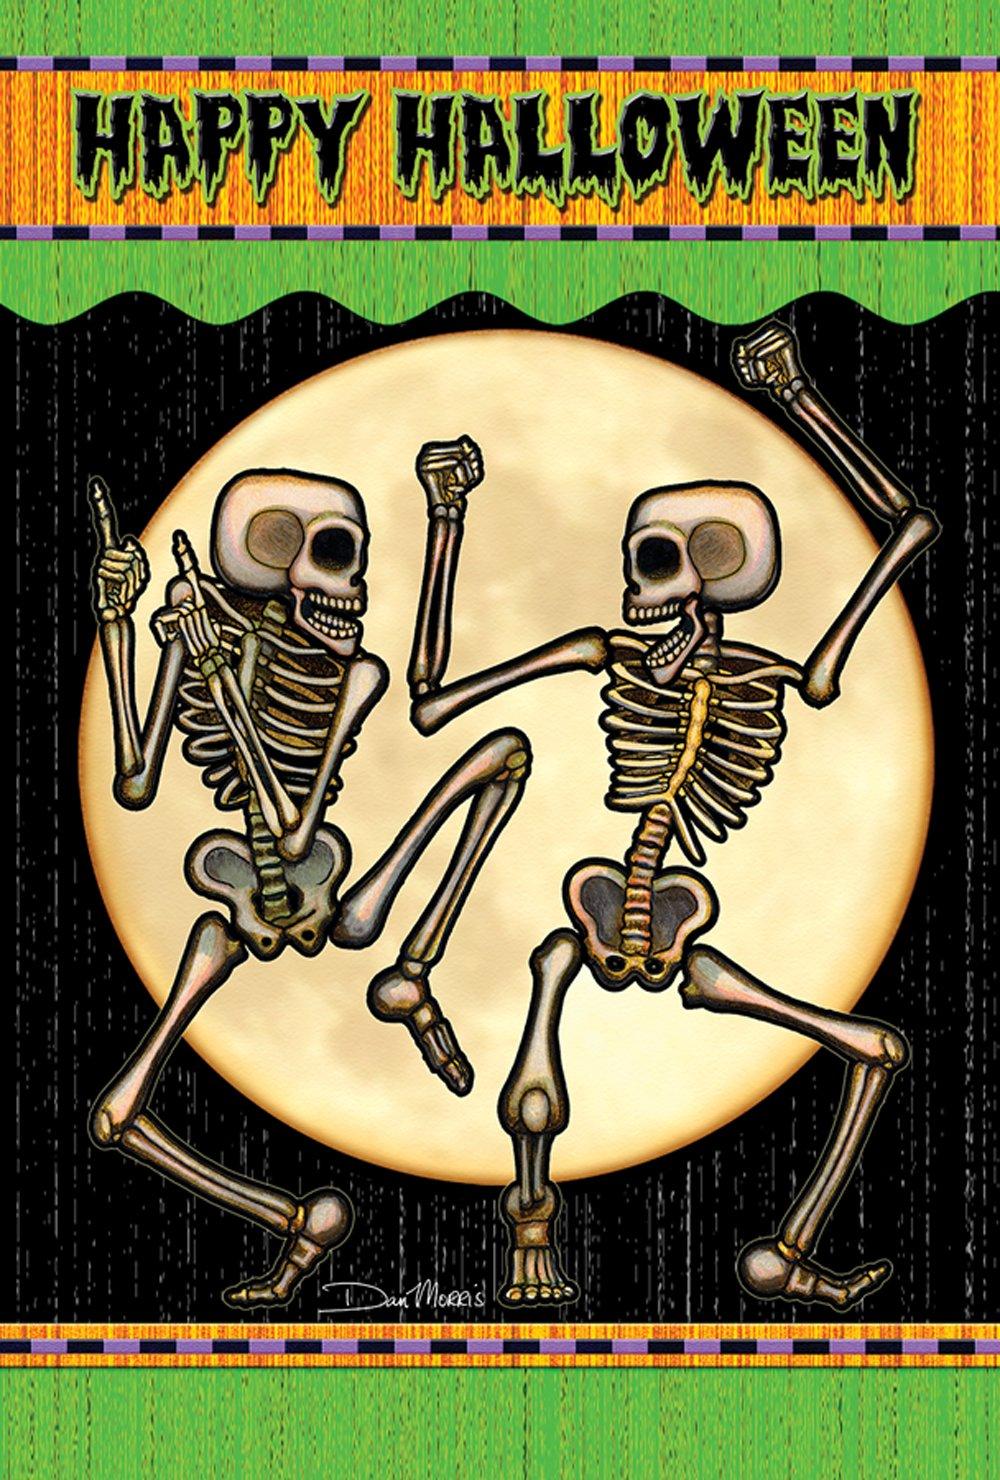 Toland Home Garden Dancing Skeletons 12.5 x 18 Inch Decorative Happy Halloween Garden Flag